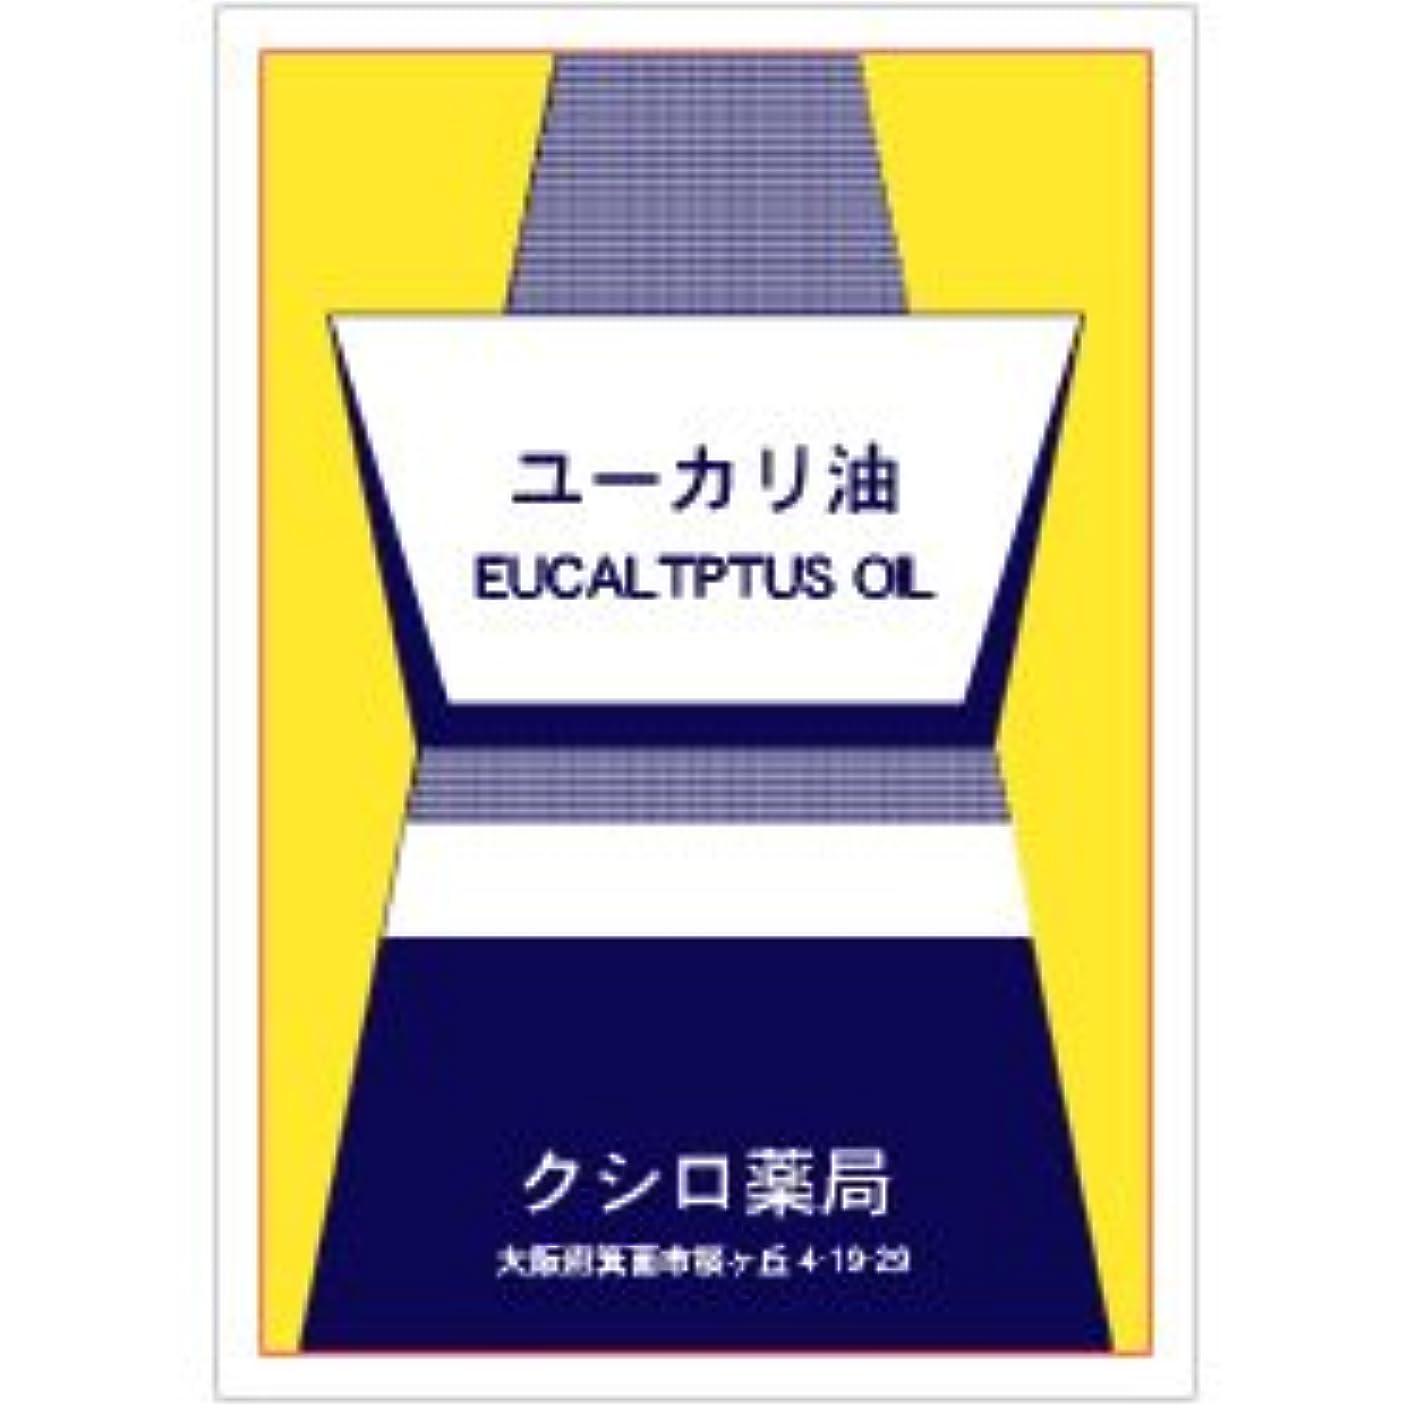 スリル胚芽初期ユーカリ油 50mL [Eucalyptus Oil]